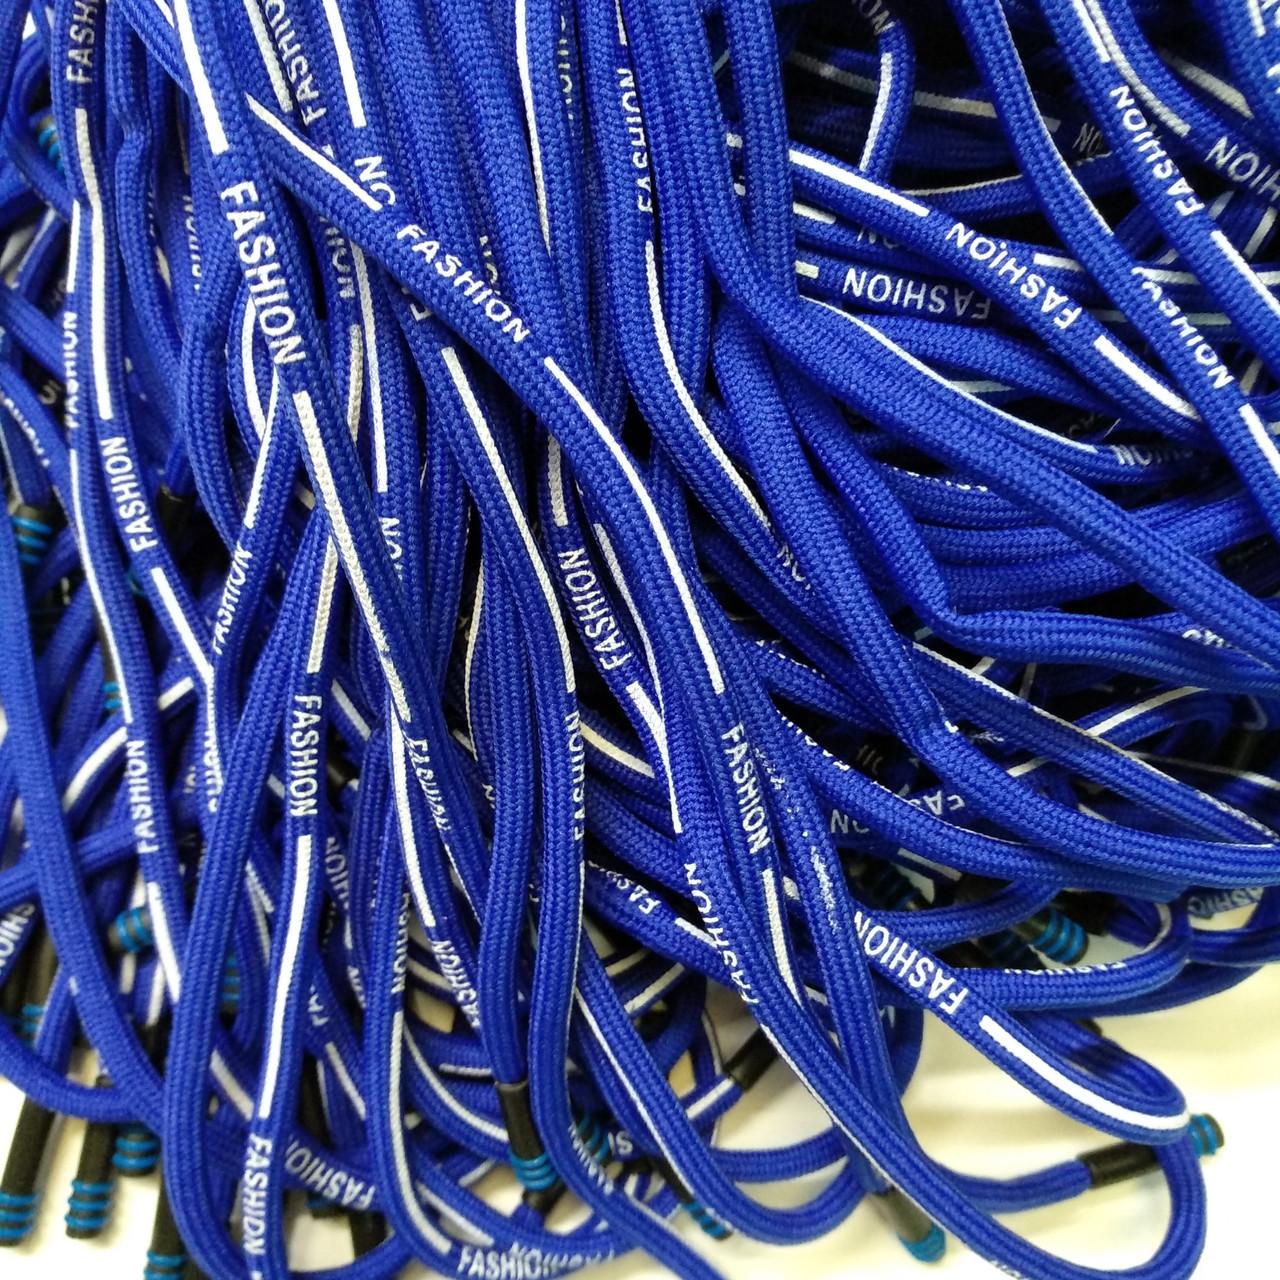 Шнур (текстильный) №7 круглый синий с черным наконечником 125см.